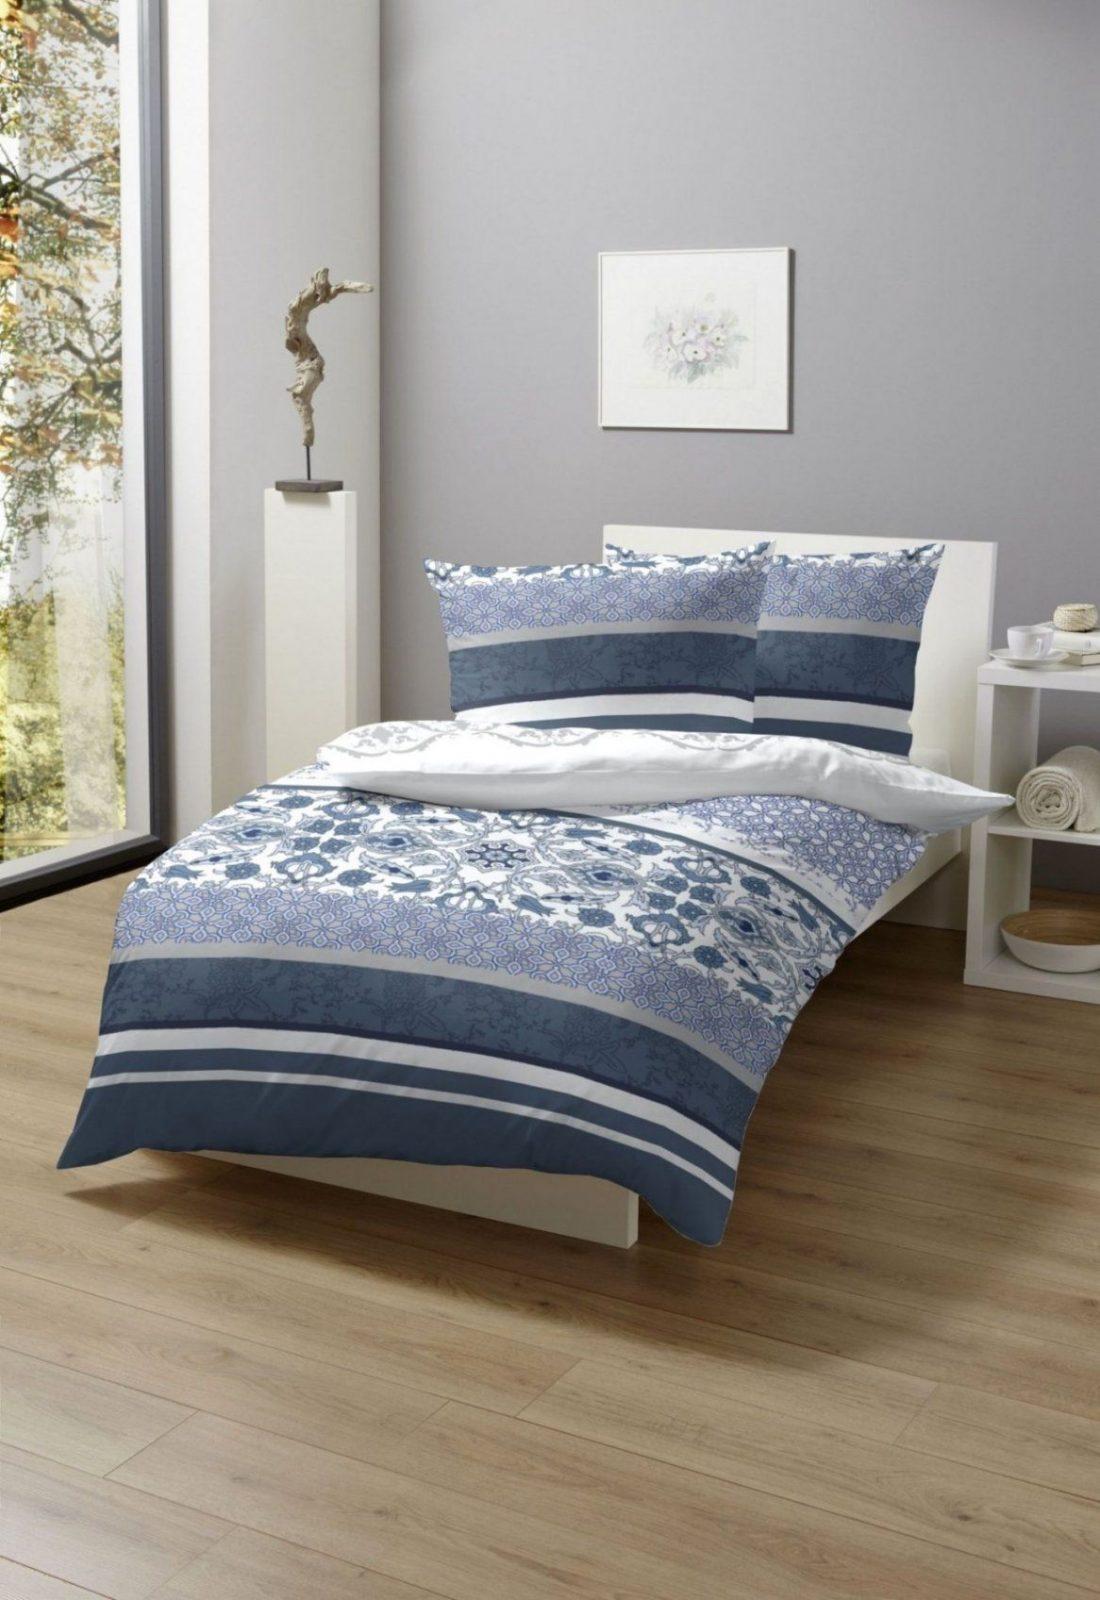 48 Neueste Bettwäsche Joop Reduziert Für Ihre Hausdesignideen von Joop Bettwäsche Reduziert Photo